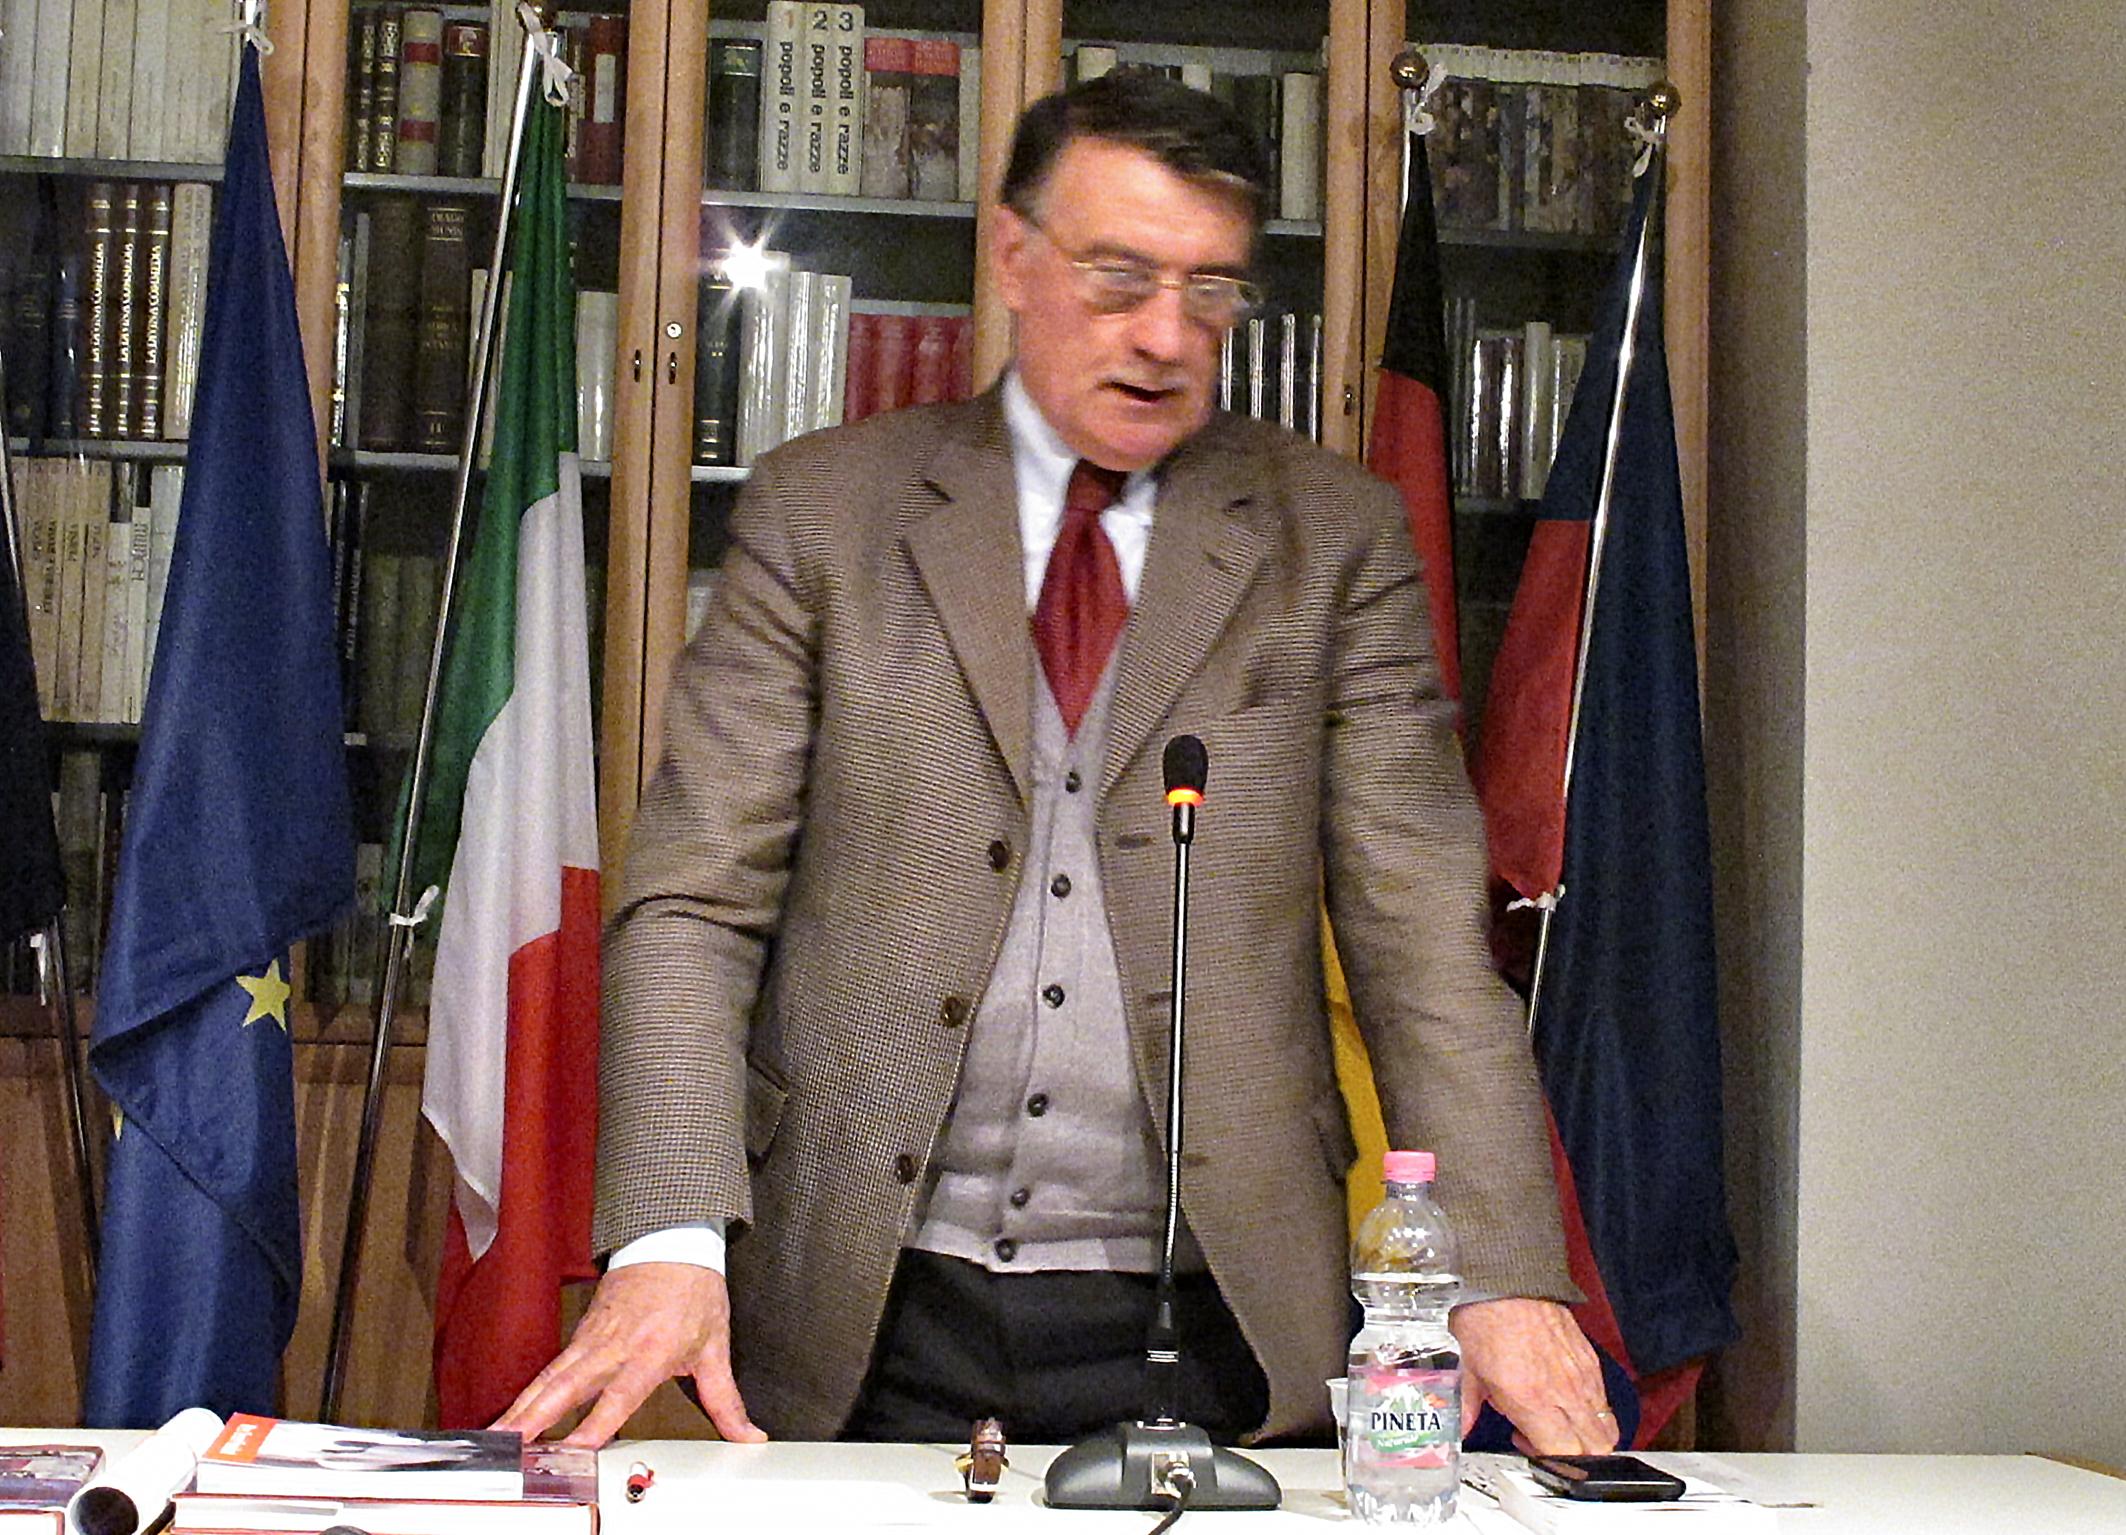 14_conferenza Laudato Sì _Breno 19 novembre 2015